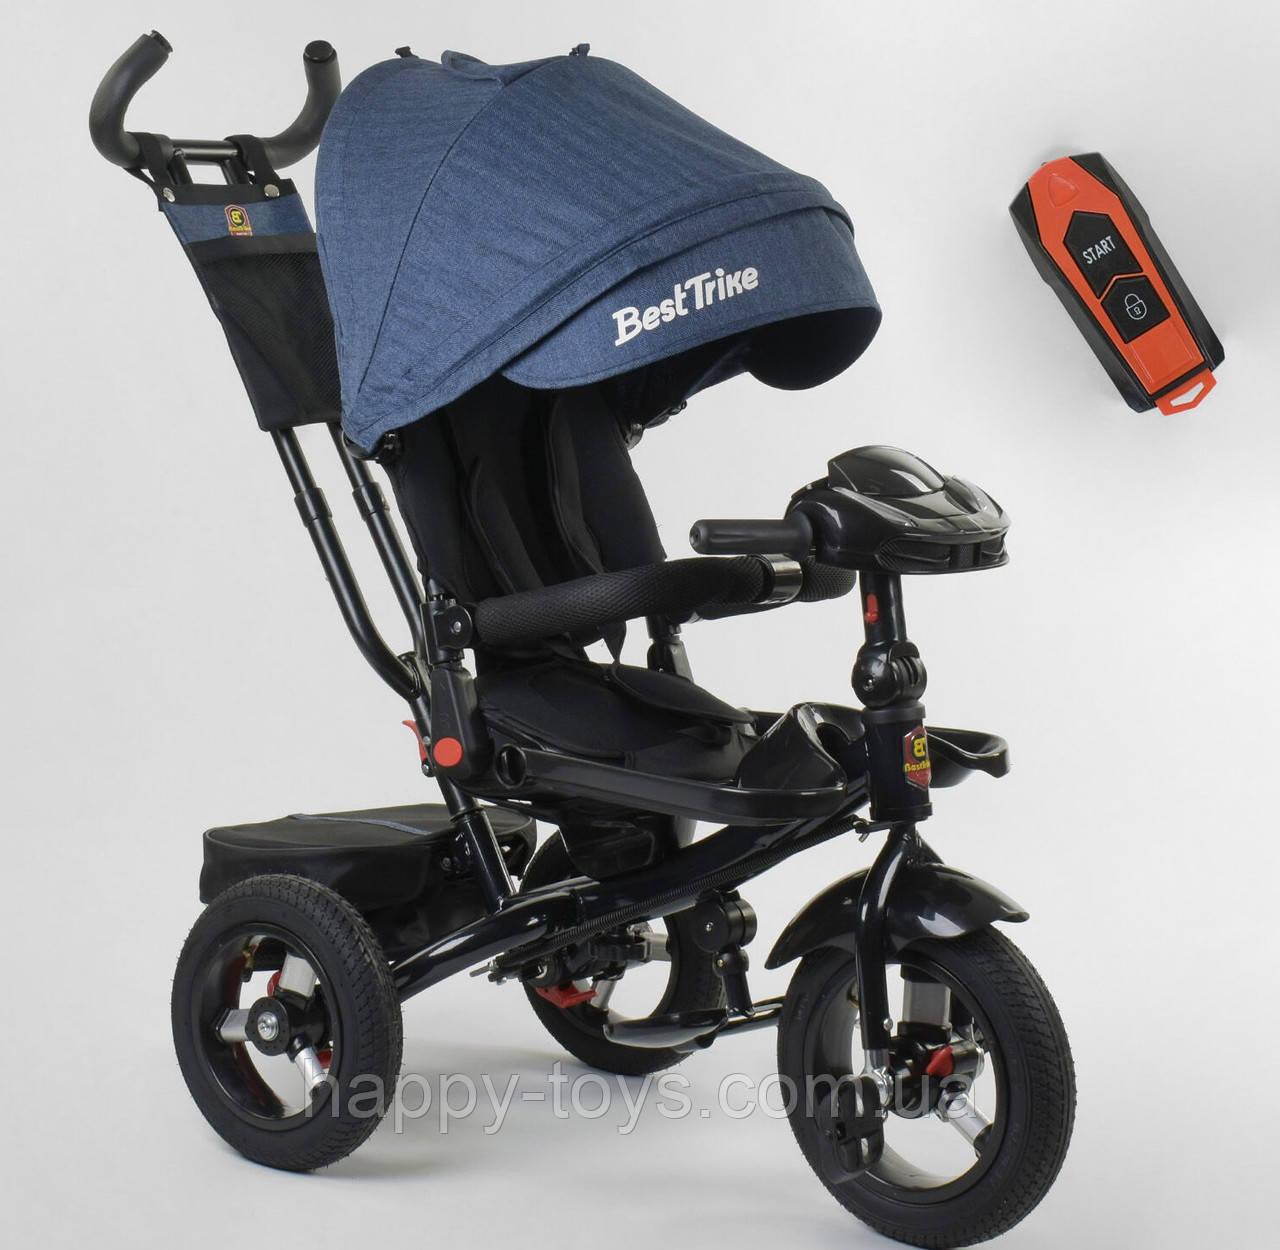 Велосипед 3-х колёсный, цвет СИНИЙ, Best Trike, фара с USB, пульт, надувные колеса, звук русский 6088 F-09-504